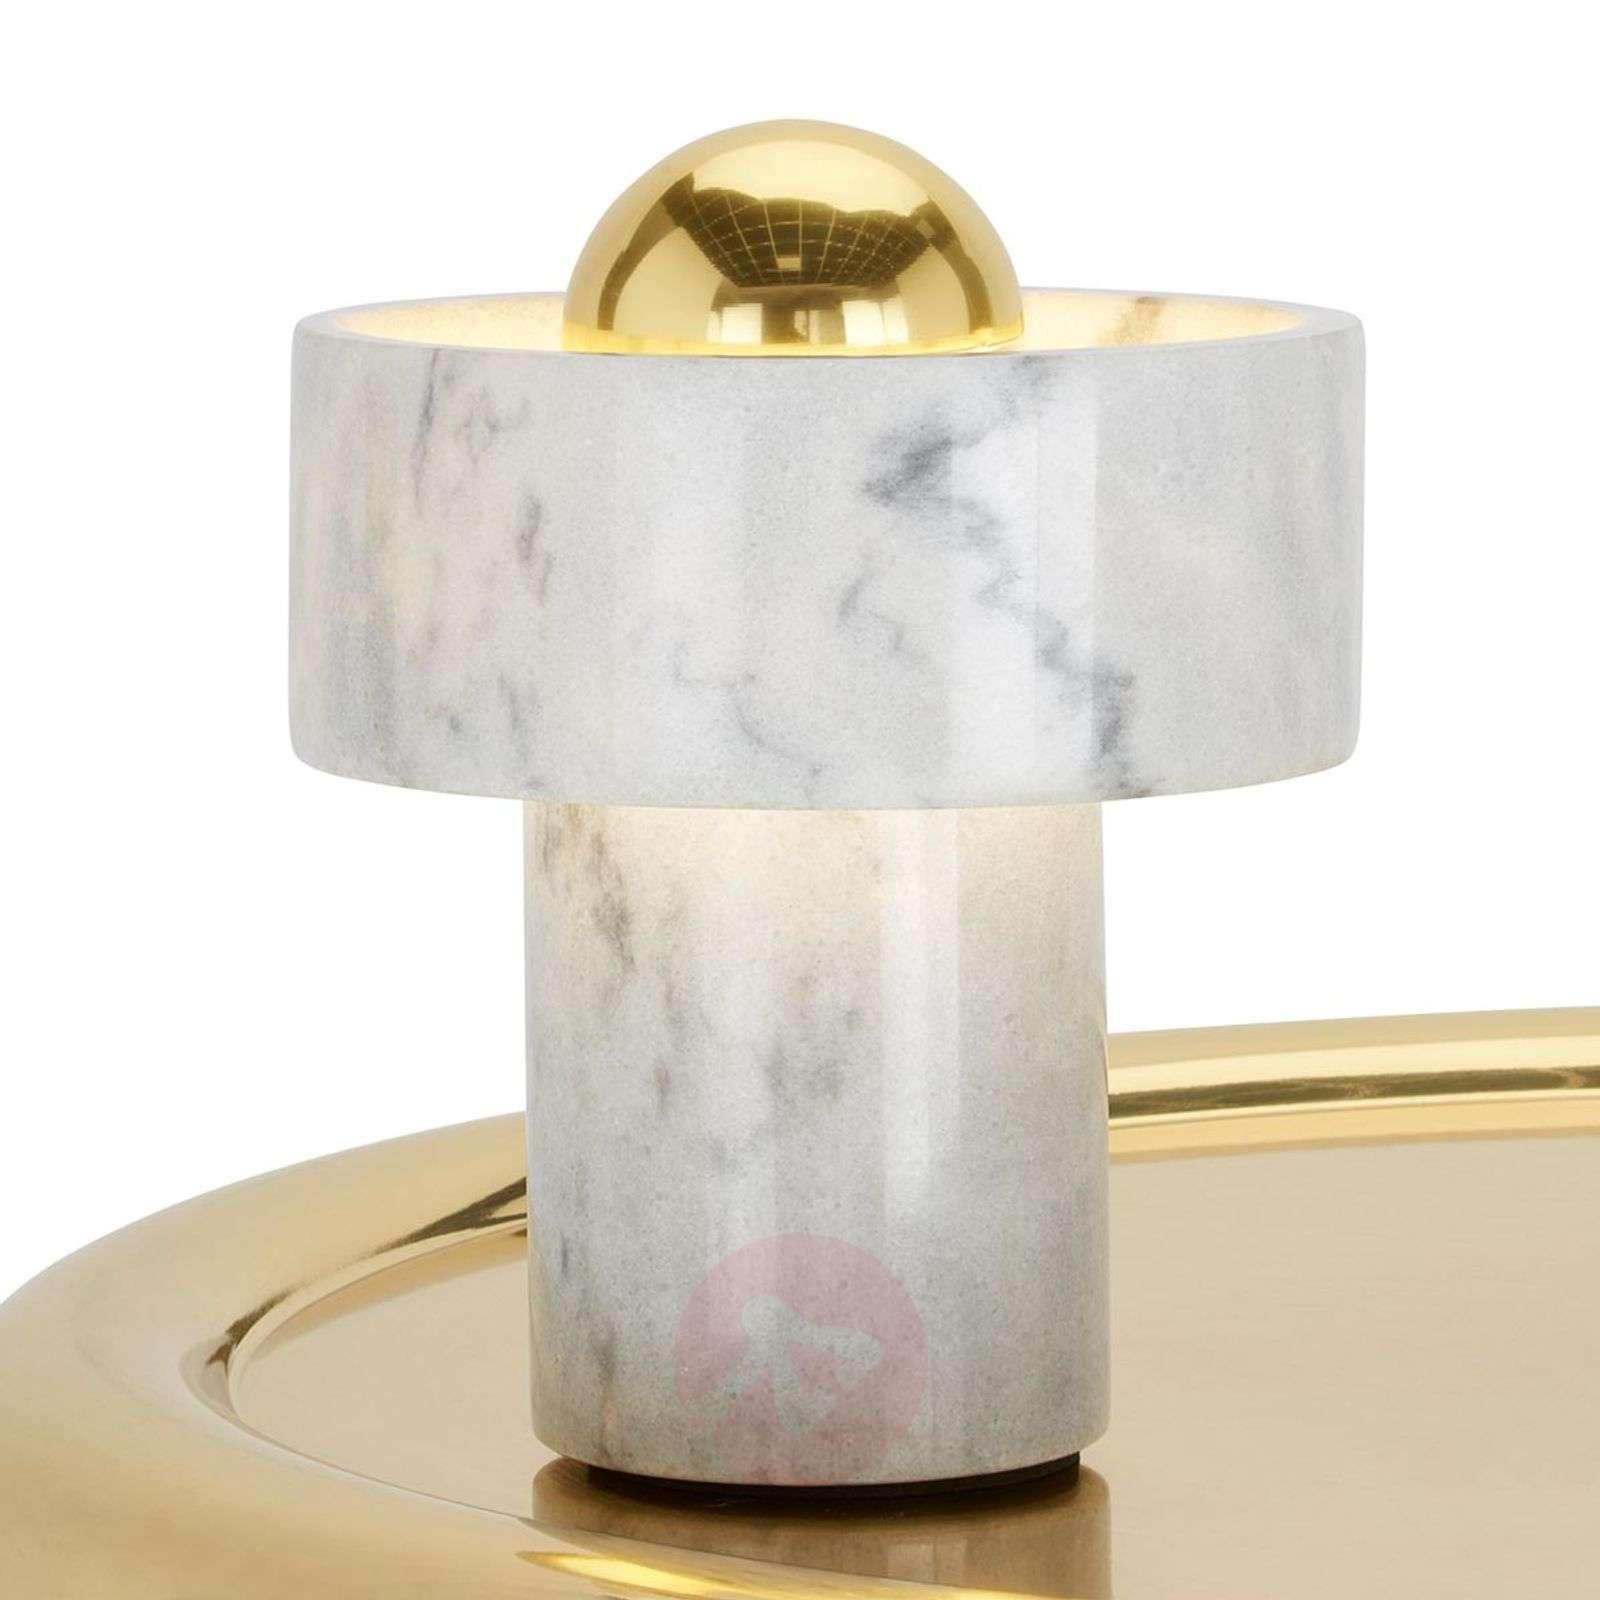 Stone Table-pöytävalaisin valkoista marmoria-9043053-01